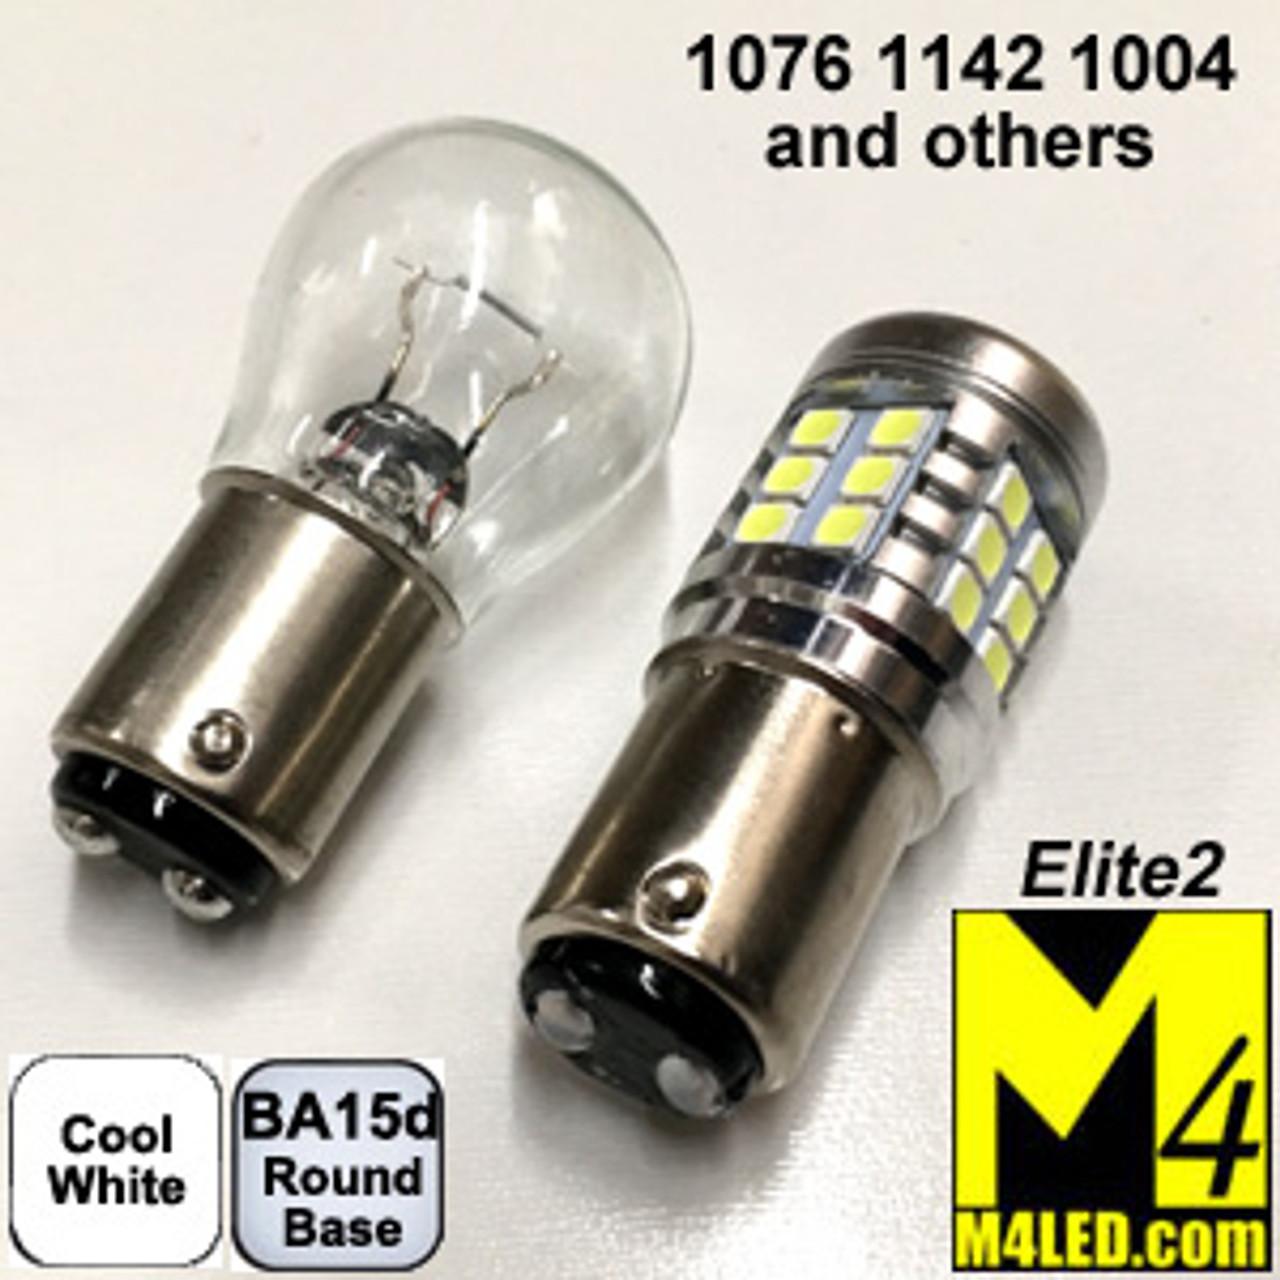 1142-33-3030-CW Cool White Elite2 (1142/1076) BA15d Base